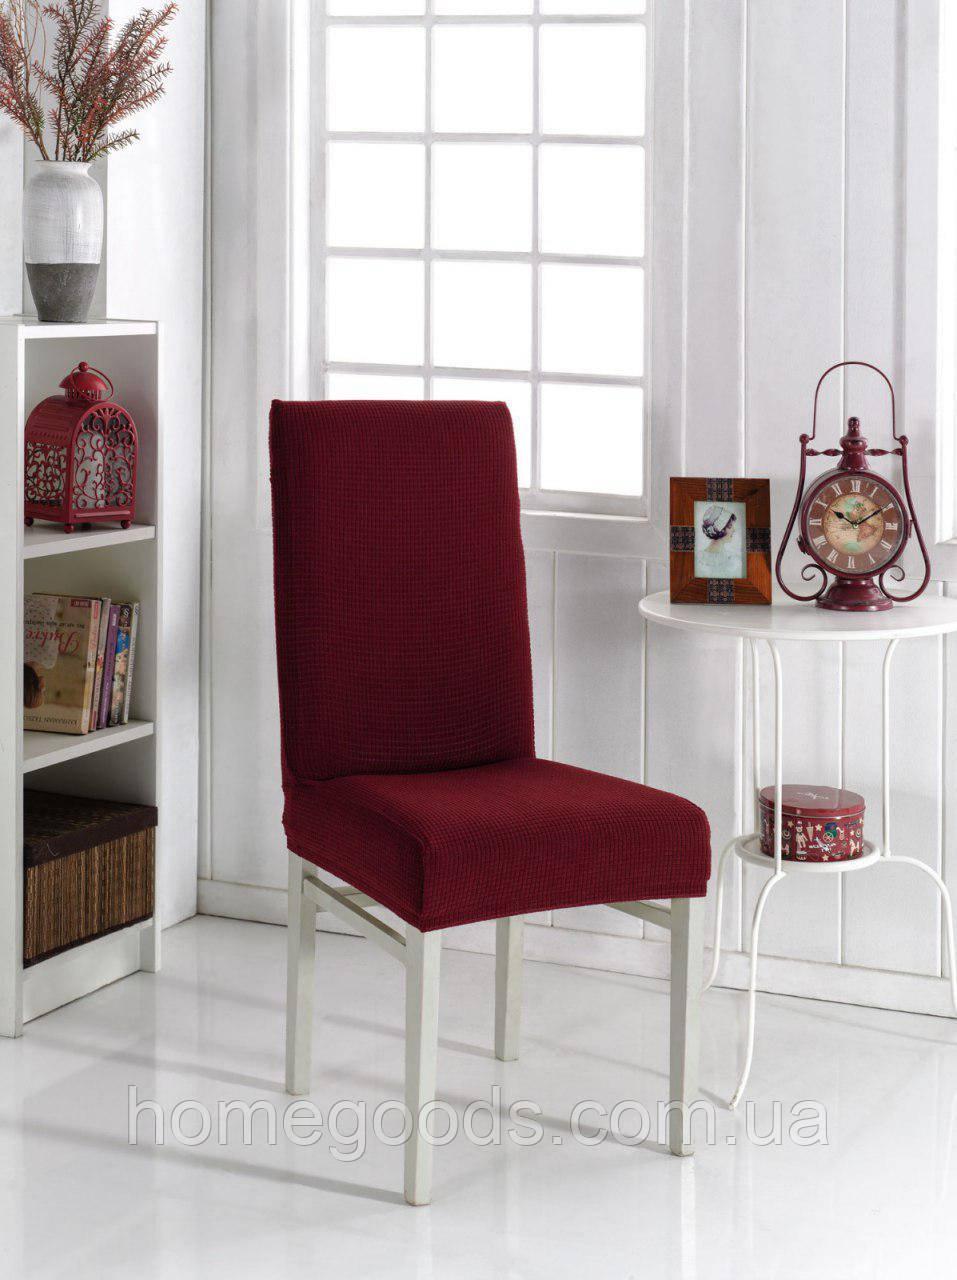 Универсальный чехол на кухонный стул